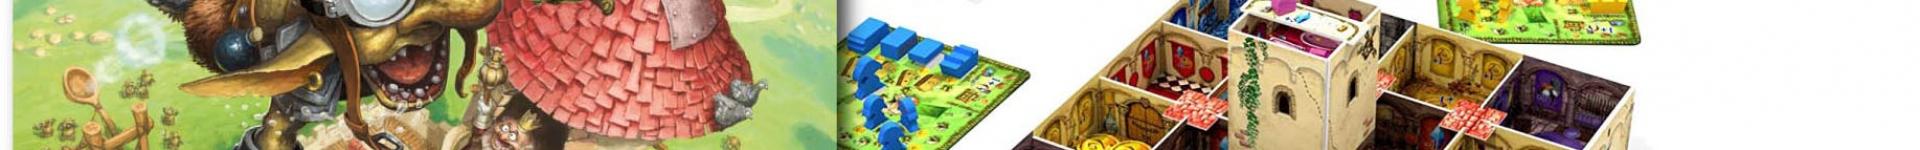 Spielehit 2021 SpielderSpiele